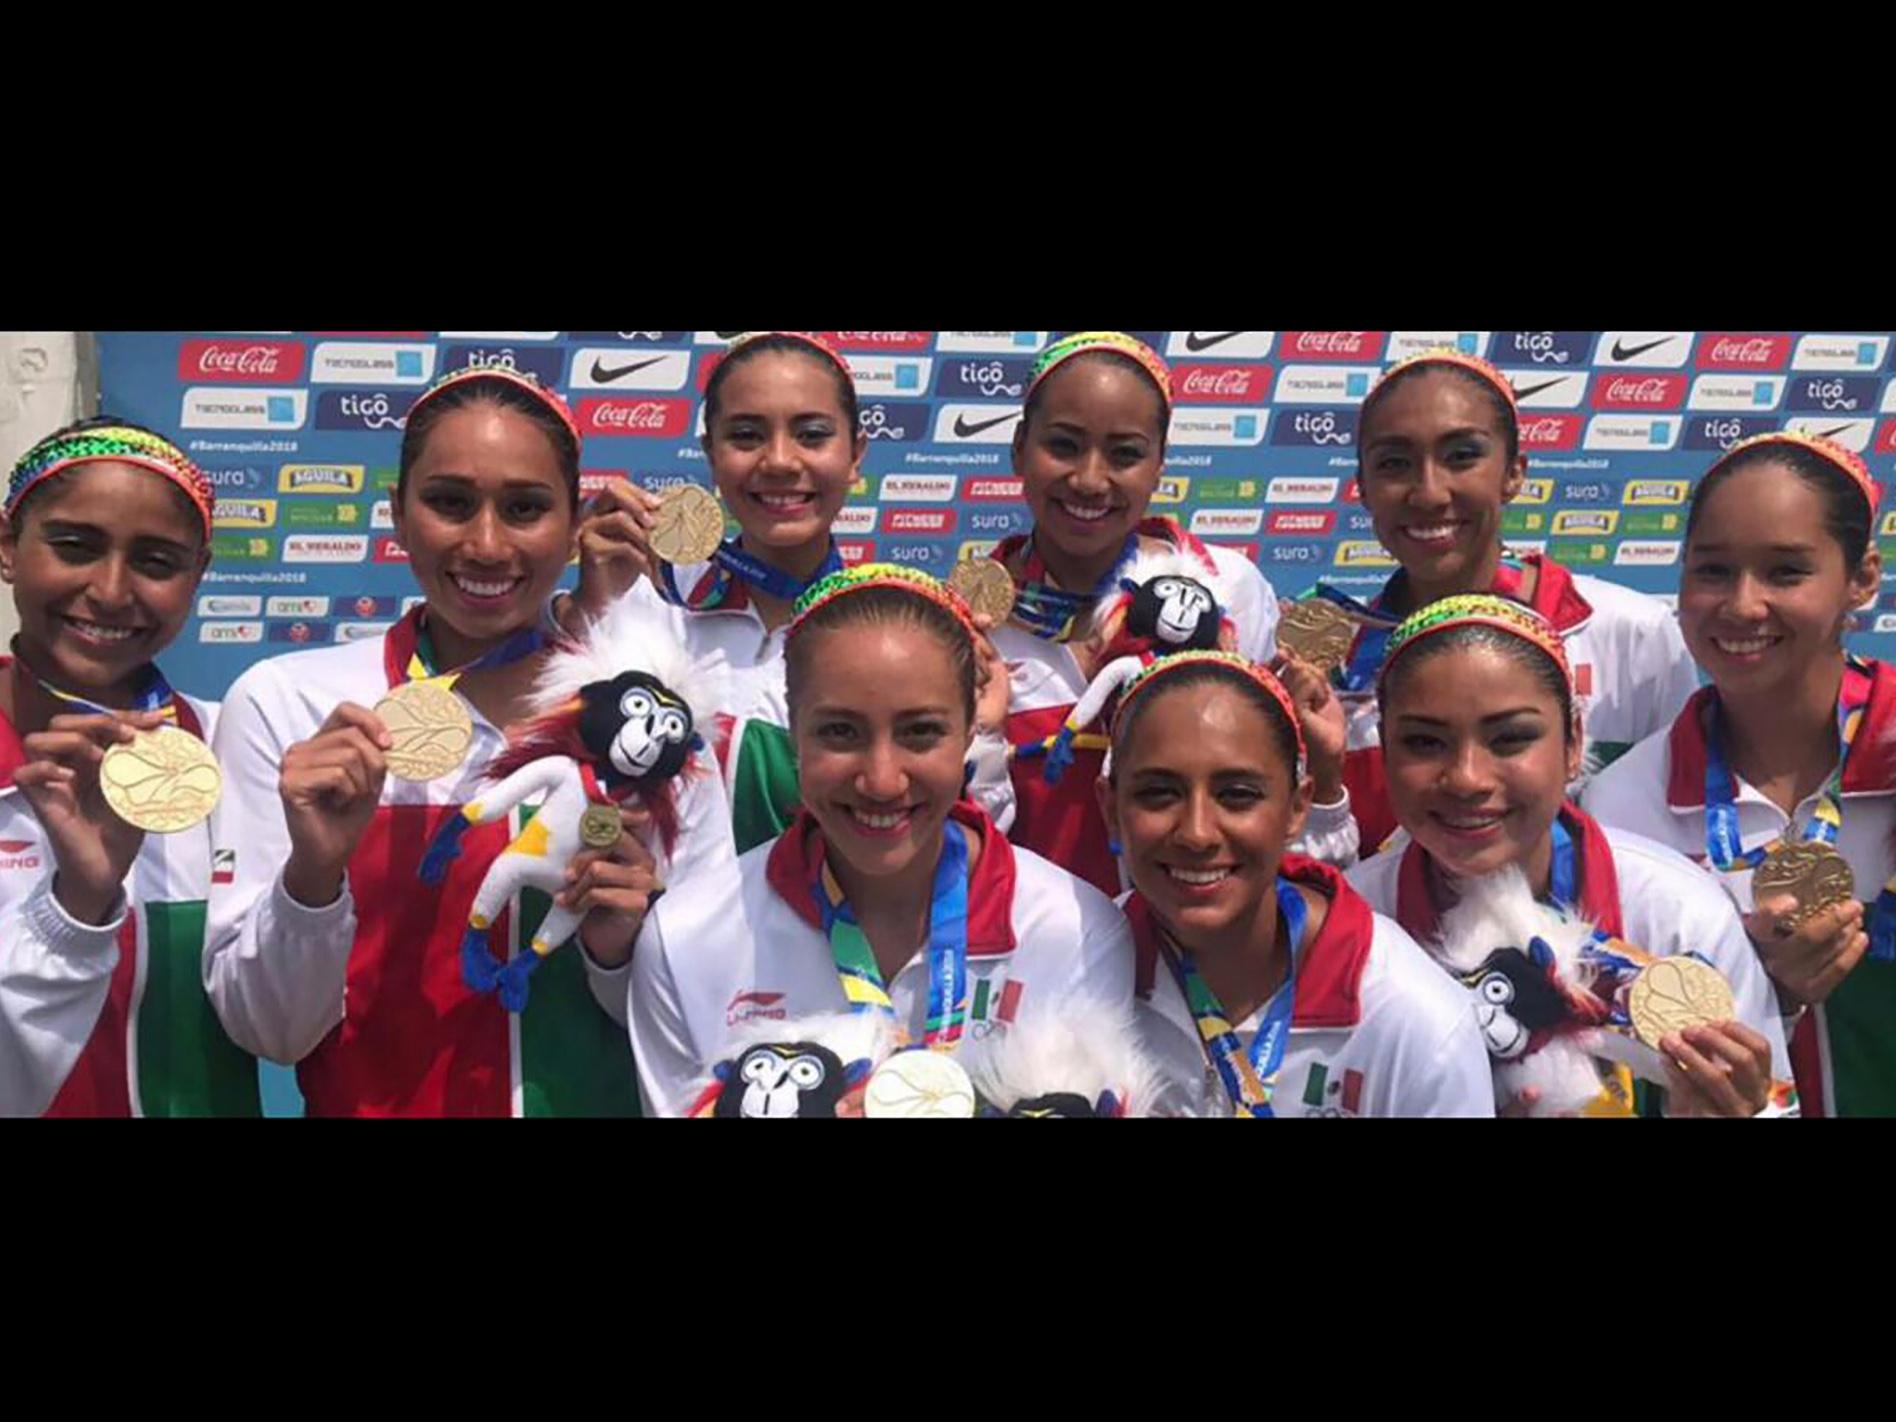 UAEM consigue la gloria en Juegos Centroamericanos